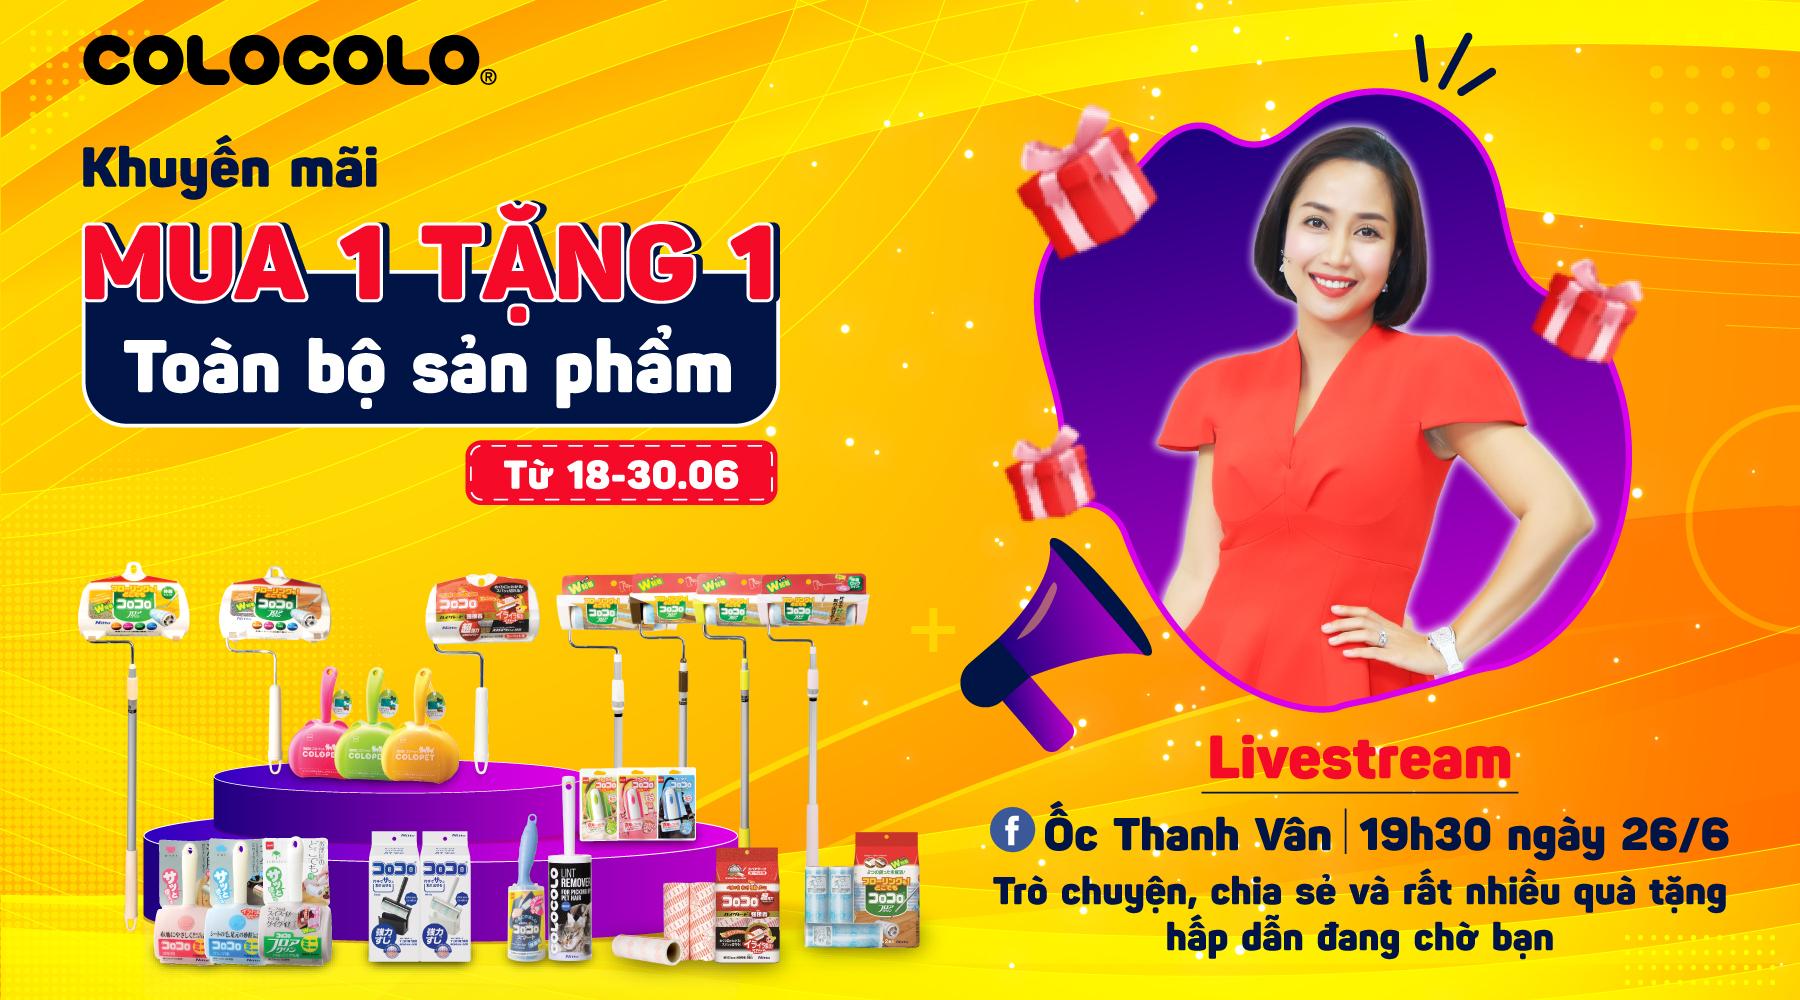 livestream cùng Ốc Thanh Vân